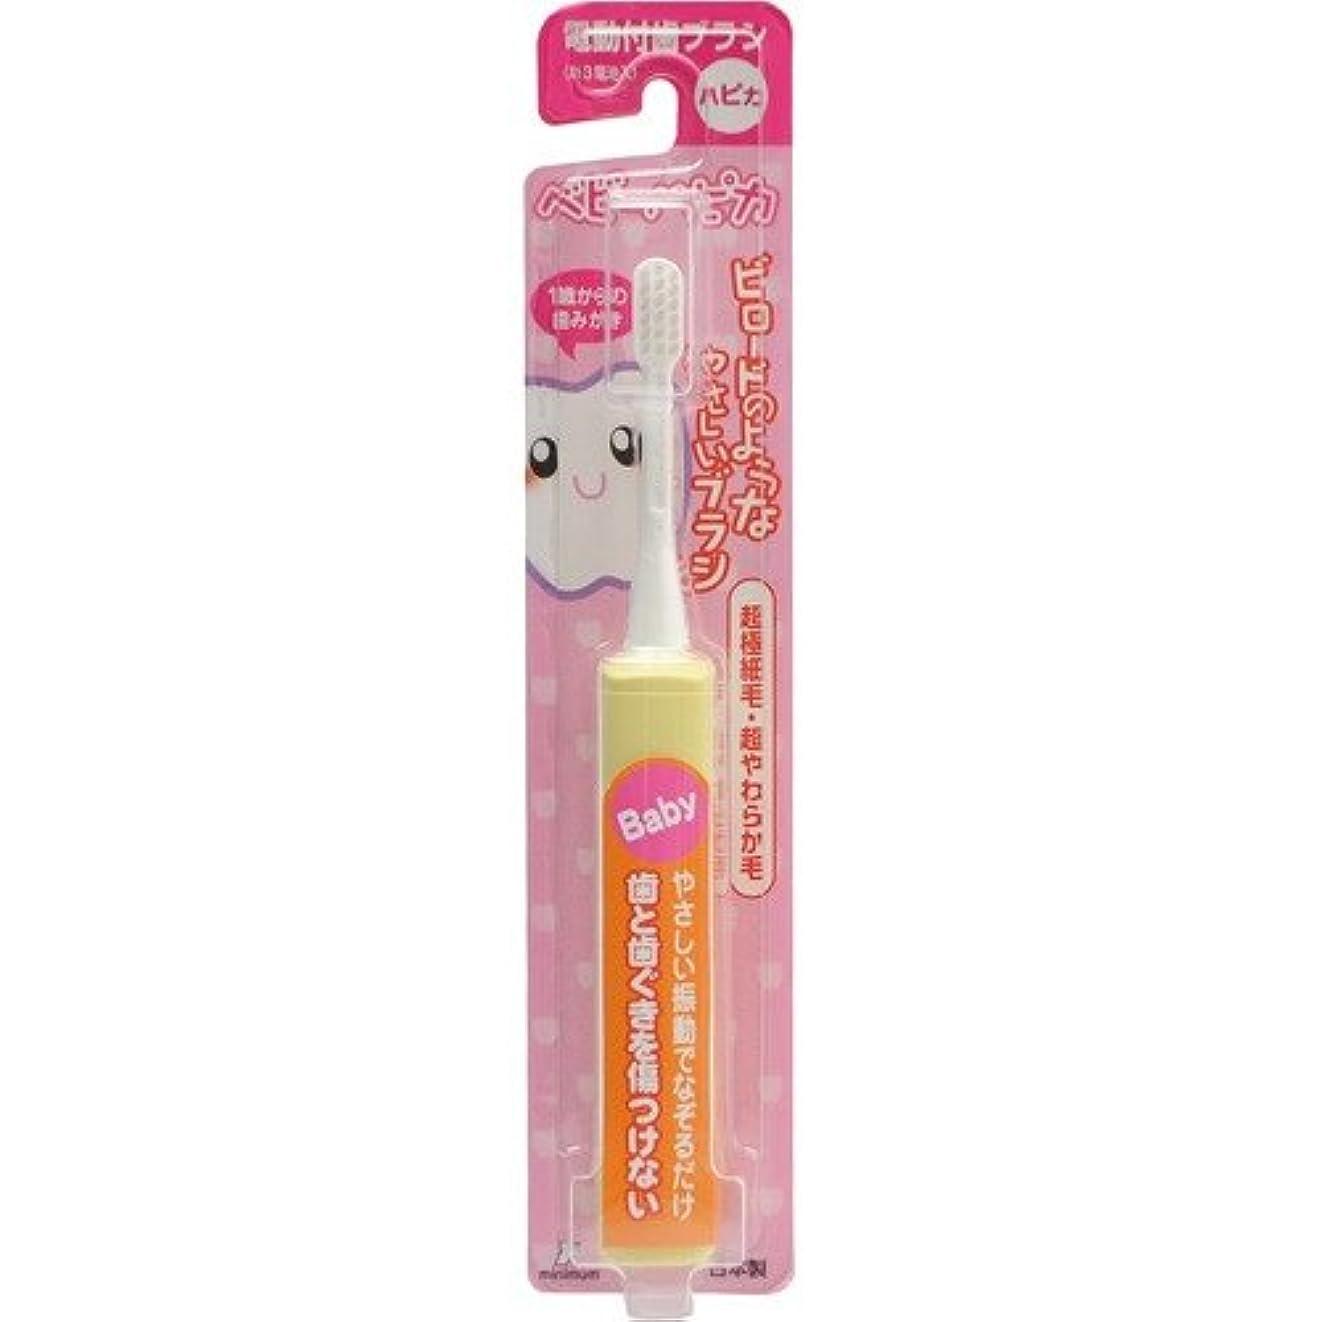 コンテンツ無し置換ミニマム 電動付歯ブラシ ベビーハピカ イエロー 毛の硬さ:超やわらかめ DBB-1Y(BP)